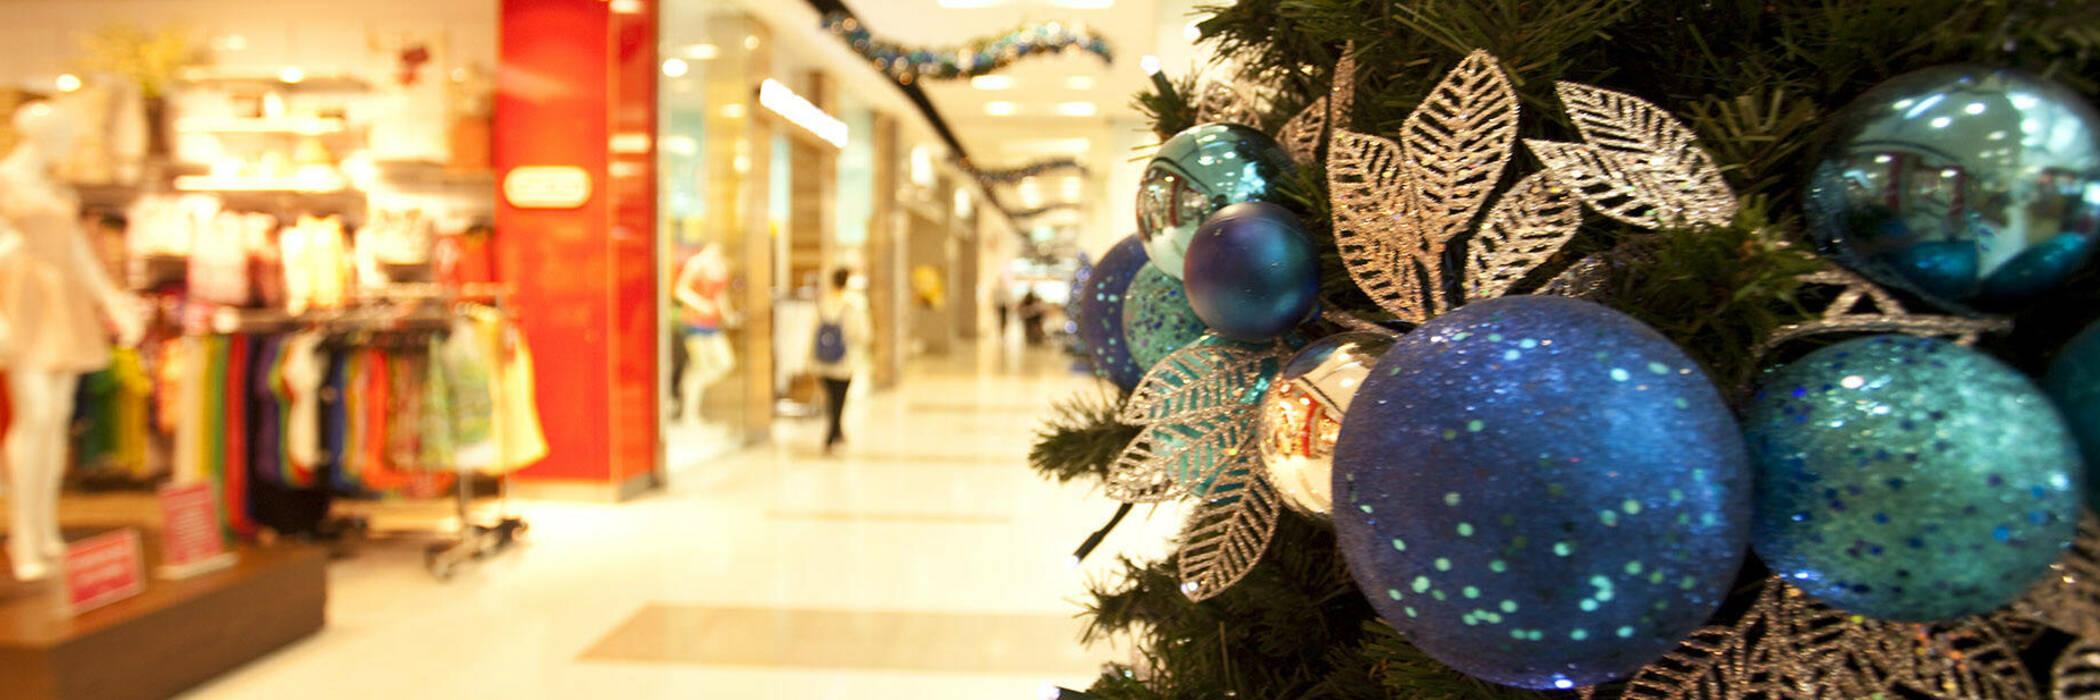 16dec consumer matters at christmas hero